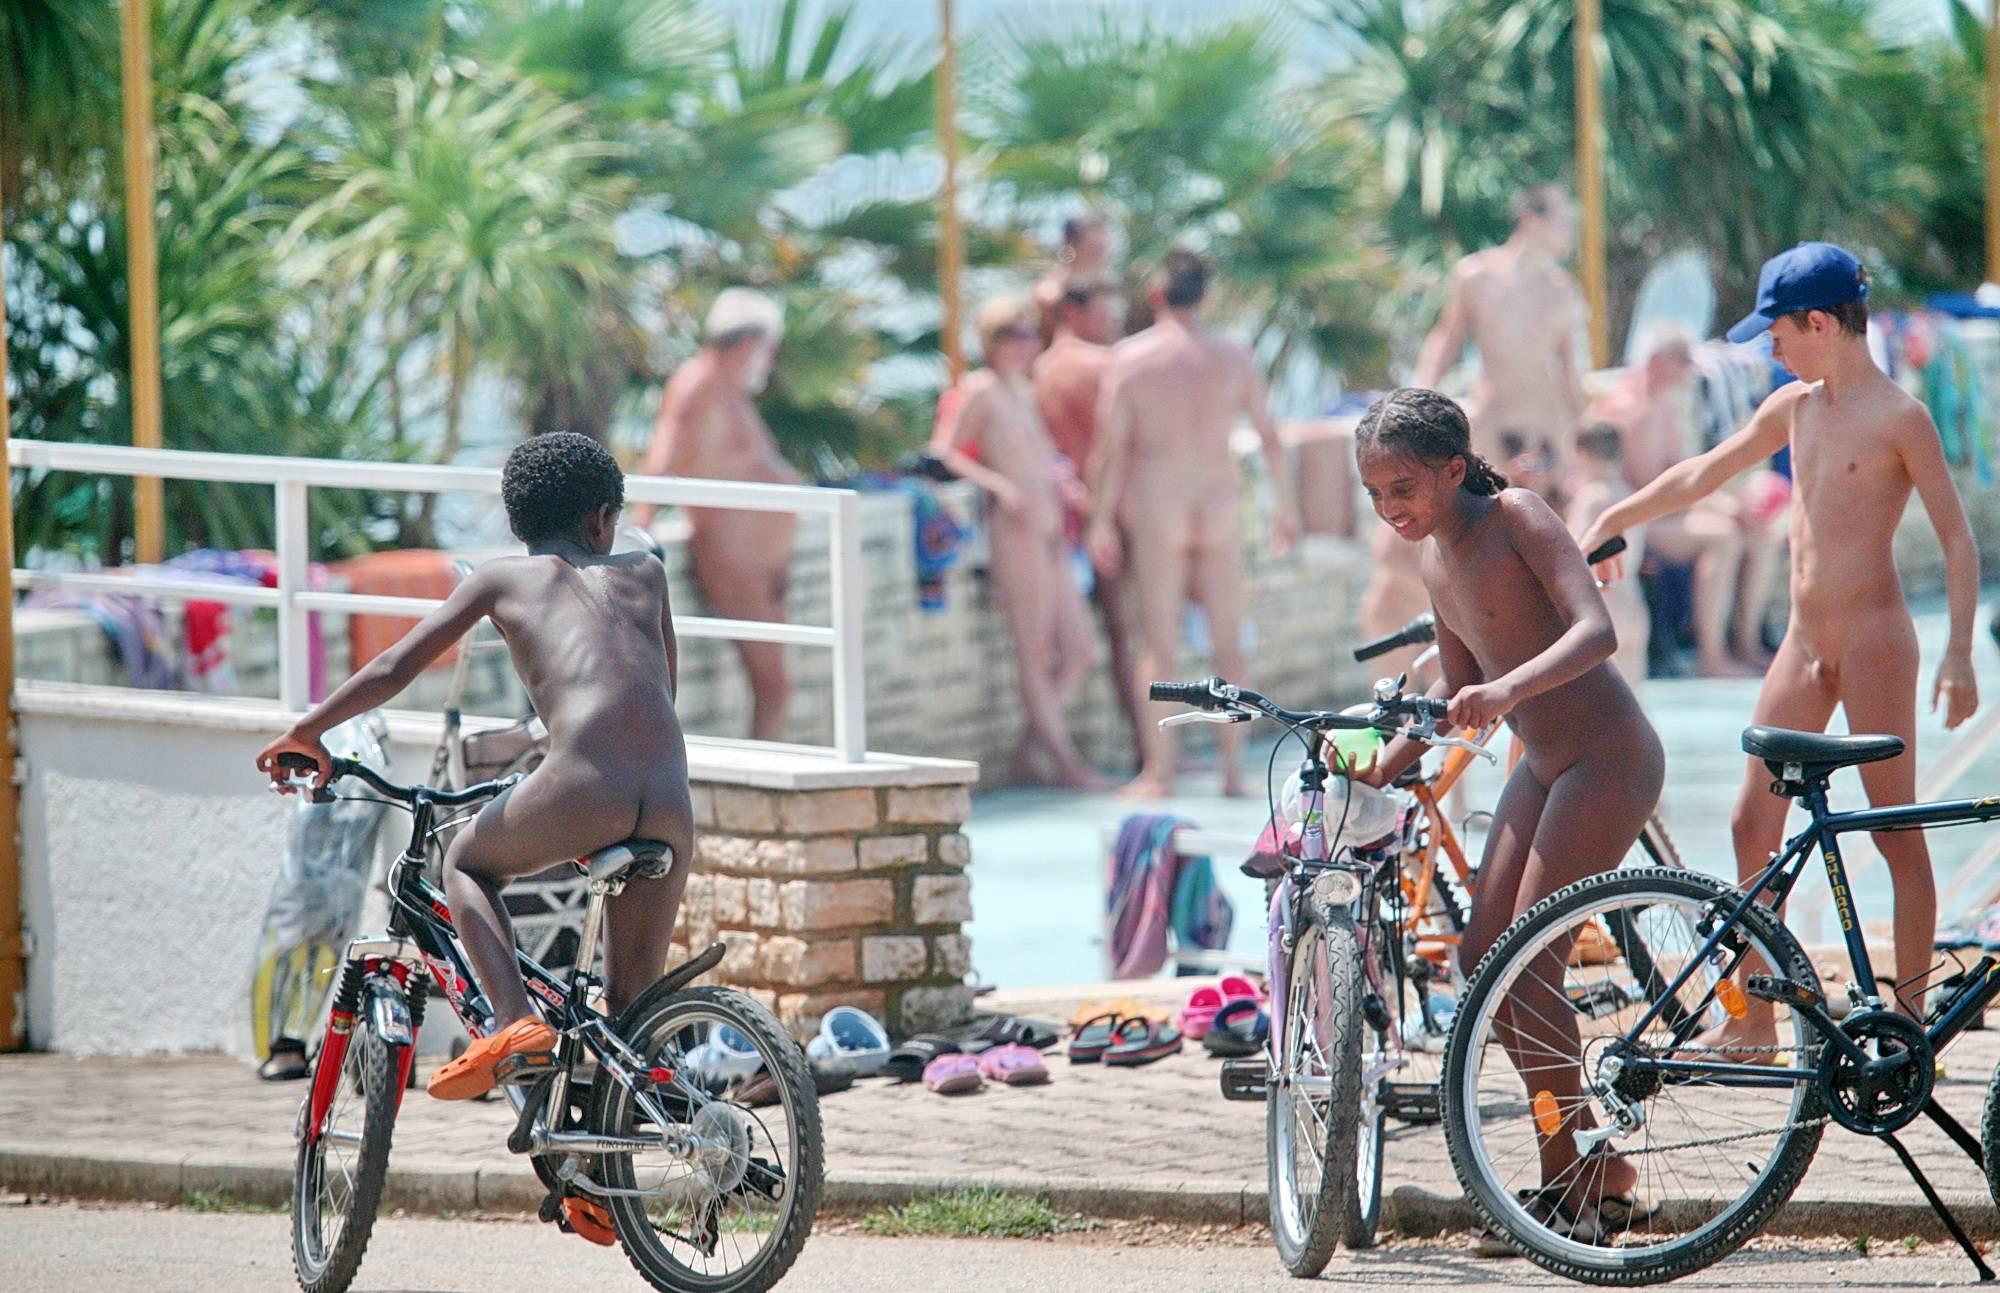 Naturist Pool Bike Rack - 2